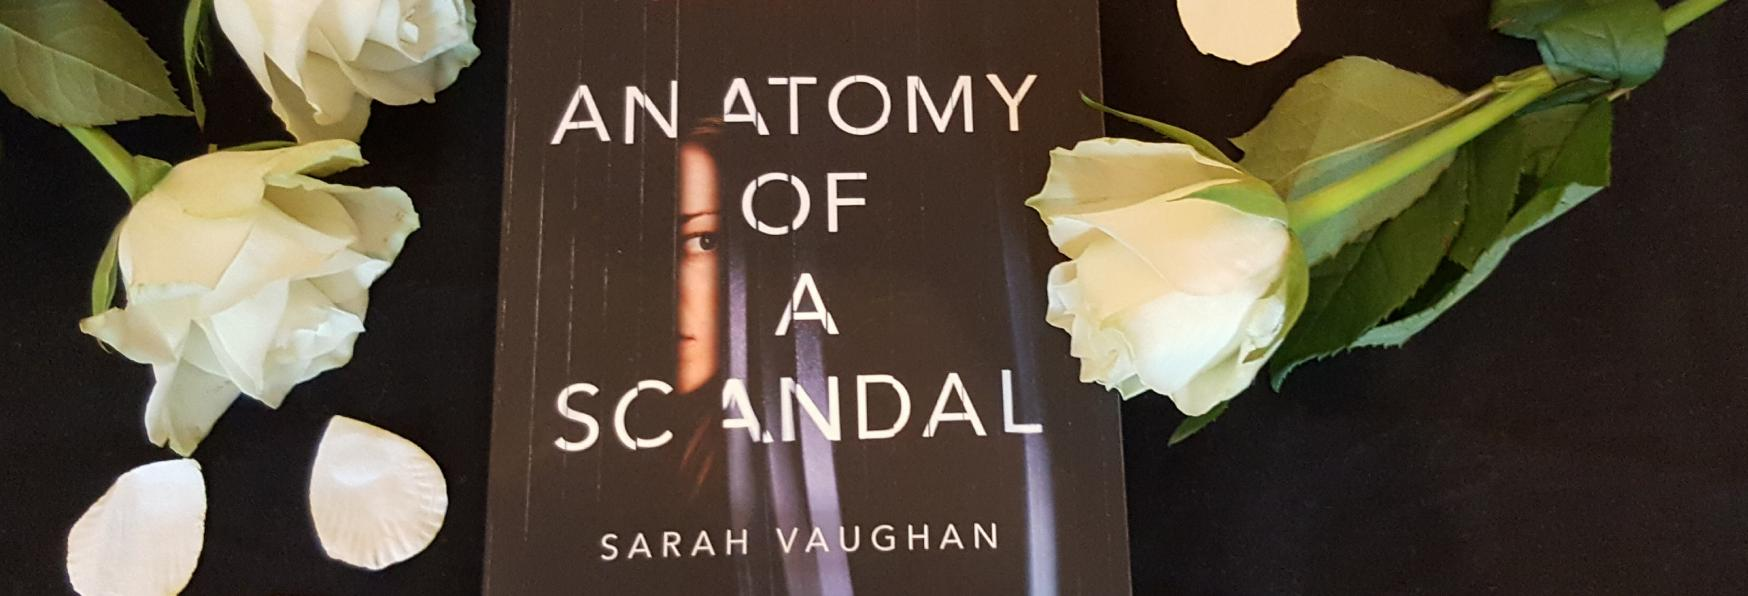 Anatomy of a Scandal: gli Autori di House of Cards e Big Little Lies al lavoro sulla Serie TV